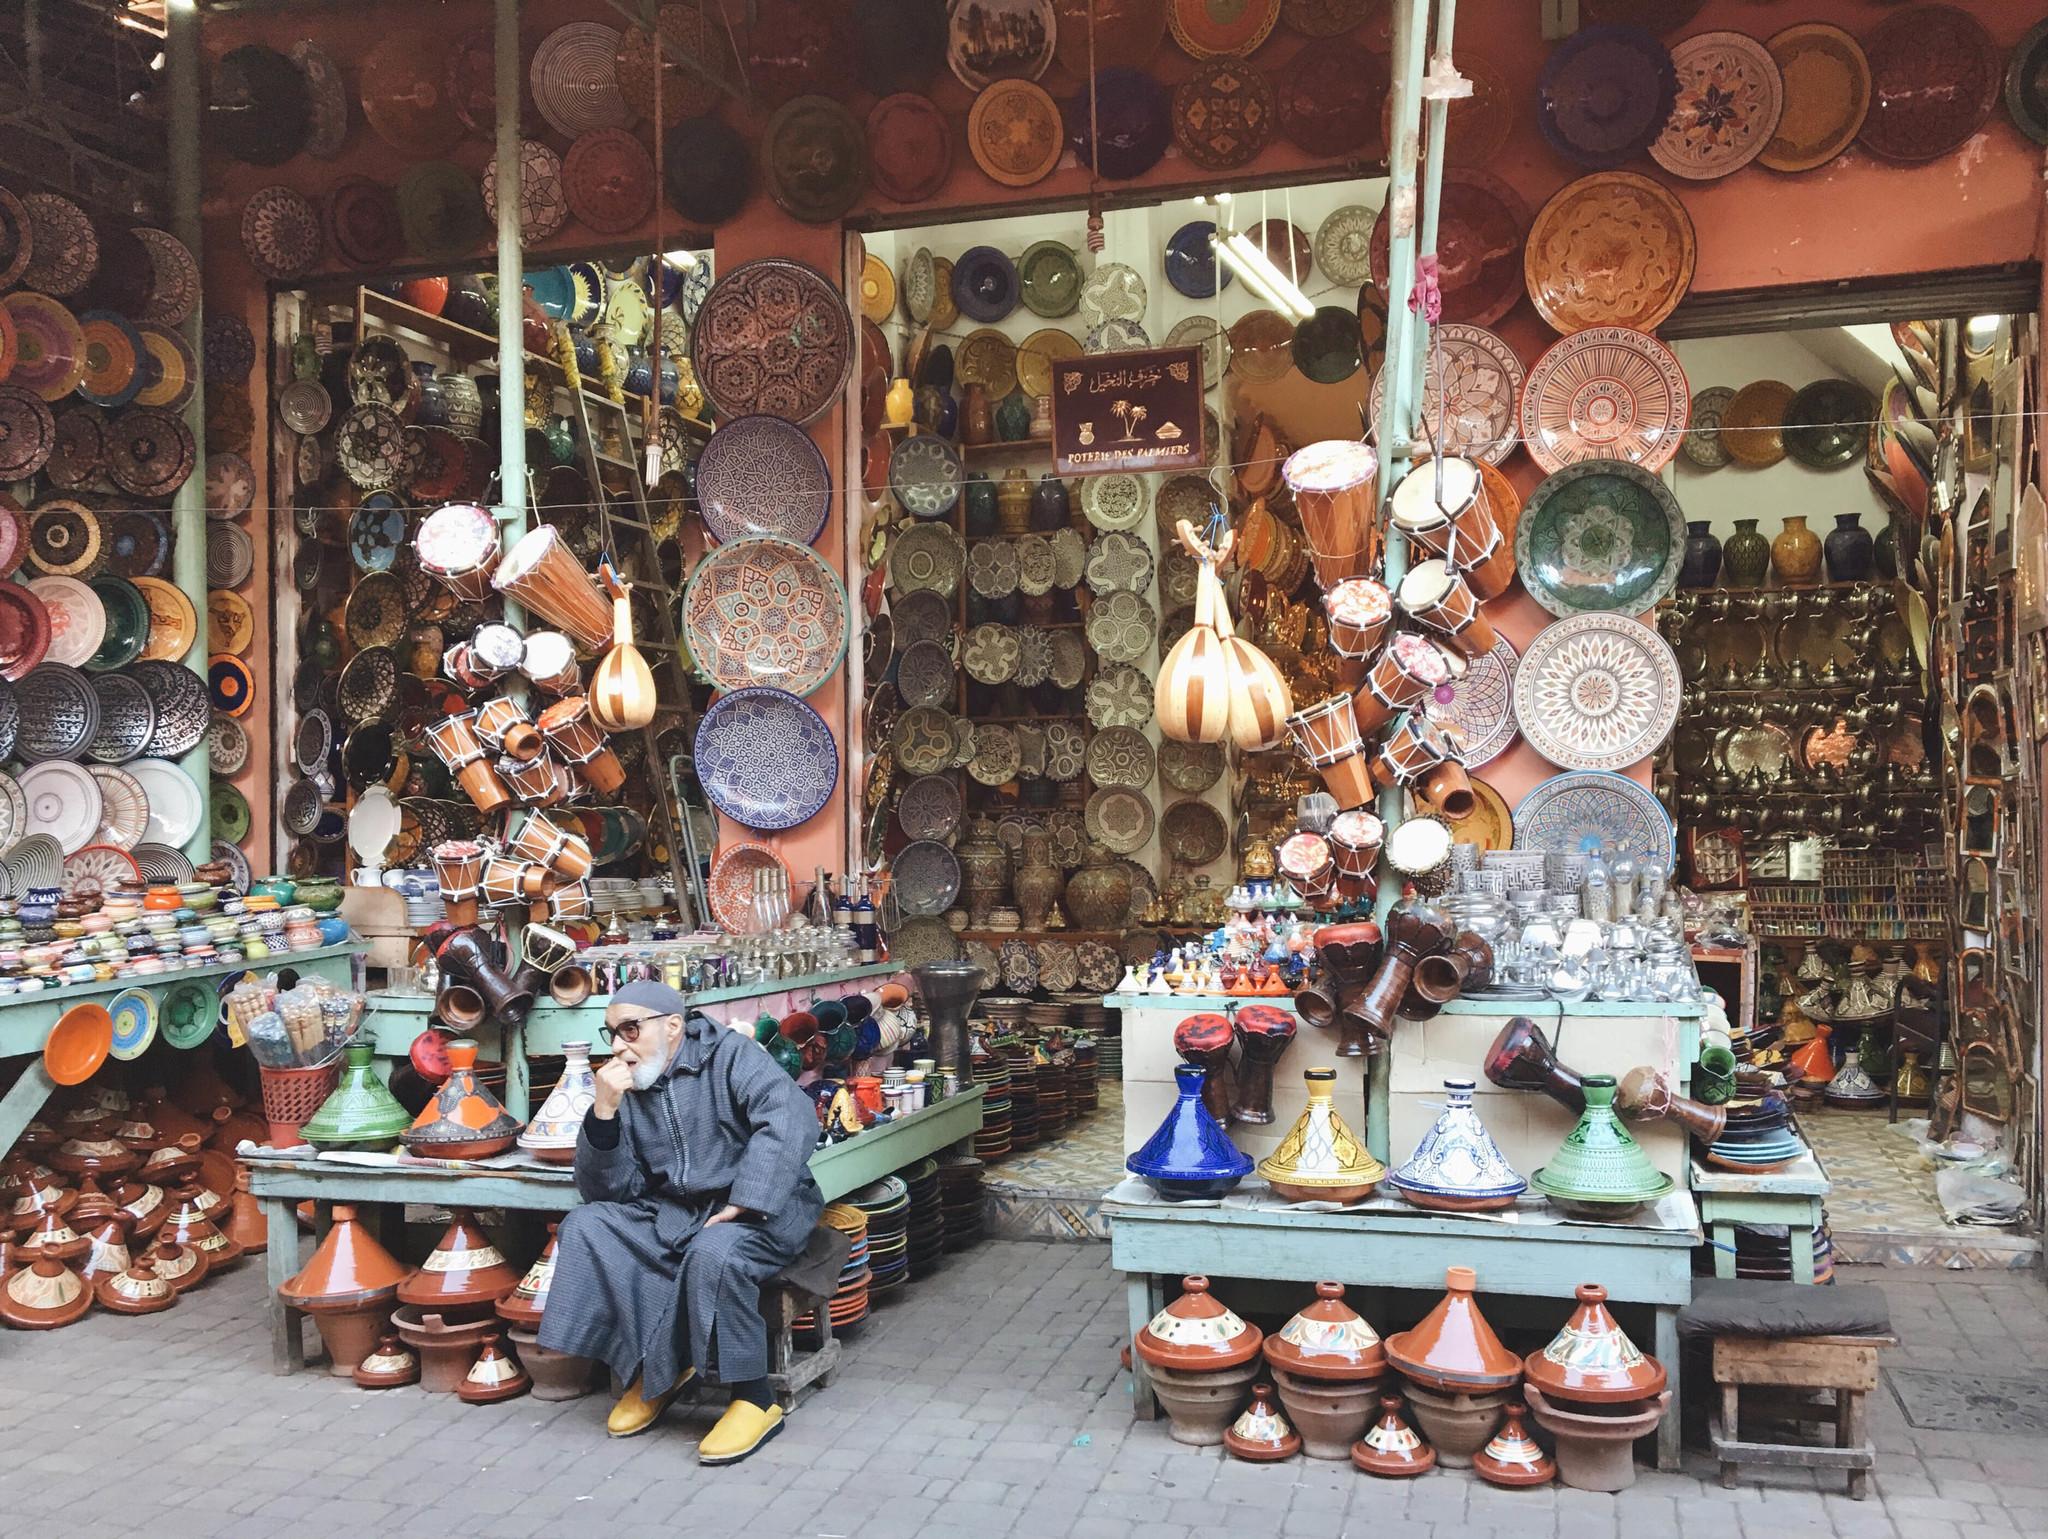 Marrakech En Qué Marrakech En Comprar Qué Marrakech En Qué Comprar Qué Comprar pSUGVqzM